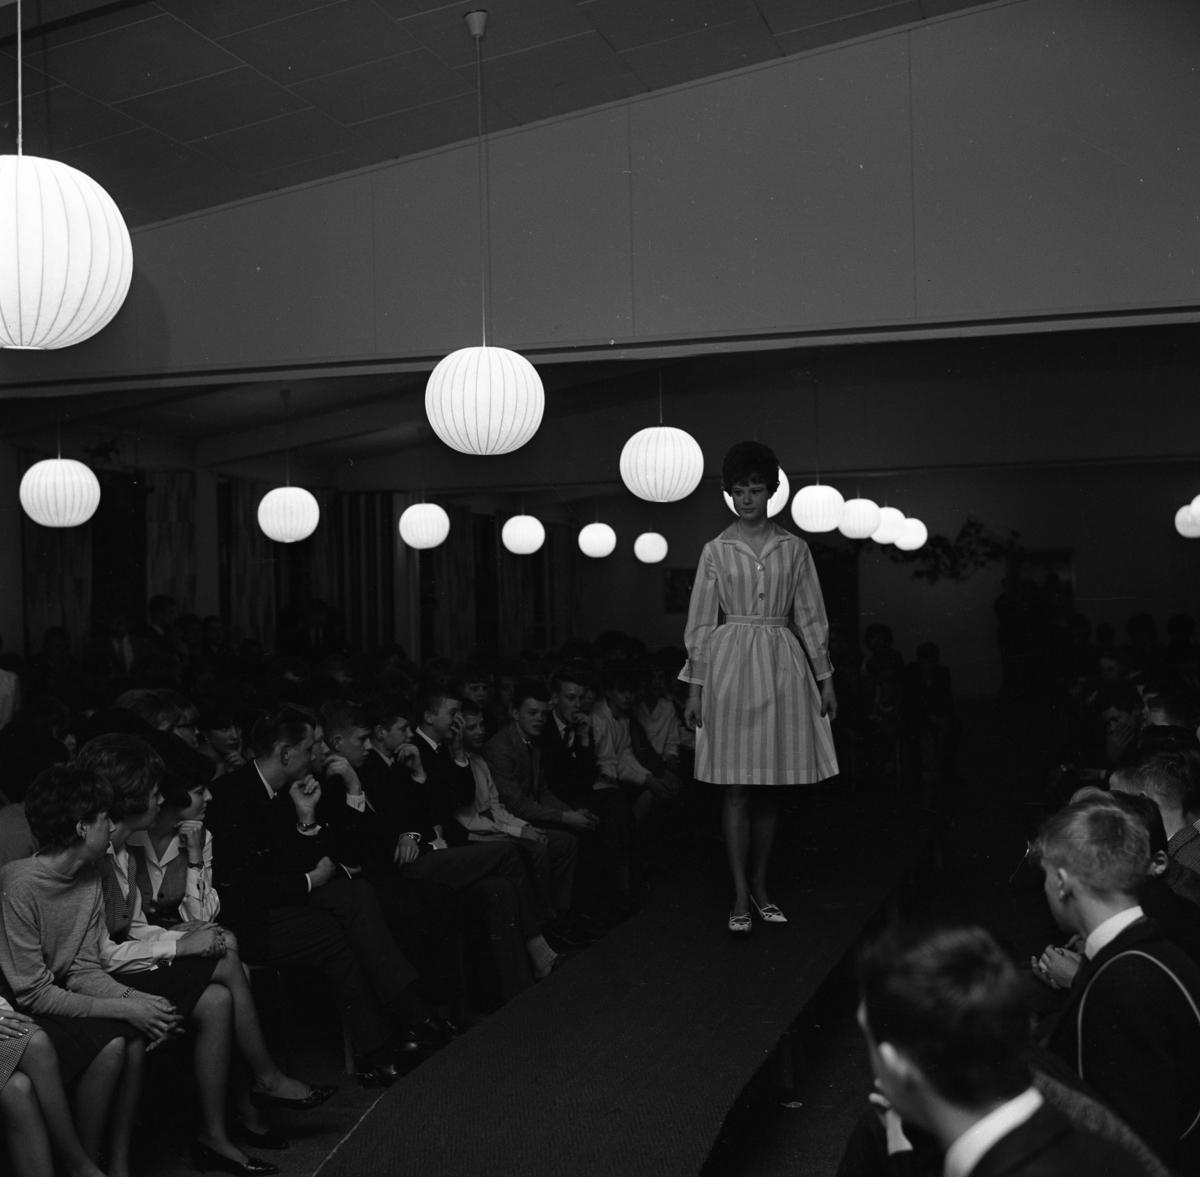 """Ungdomsträff med modevisning. Mannekängen bär långrandig klänning med krage, knytskärp och vidd i kjolen. Publiken sitter vid sidan av """"röda mattan""""."""